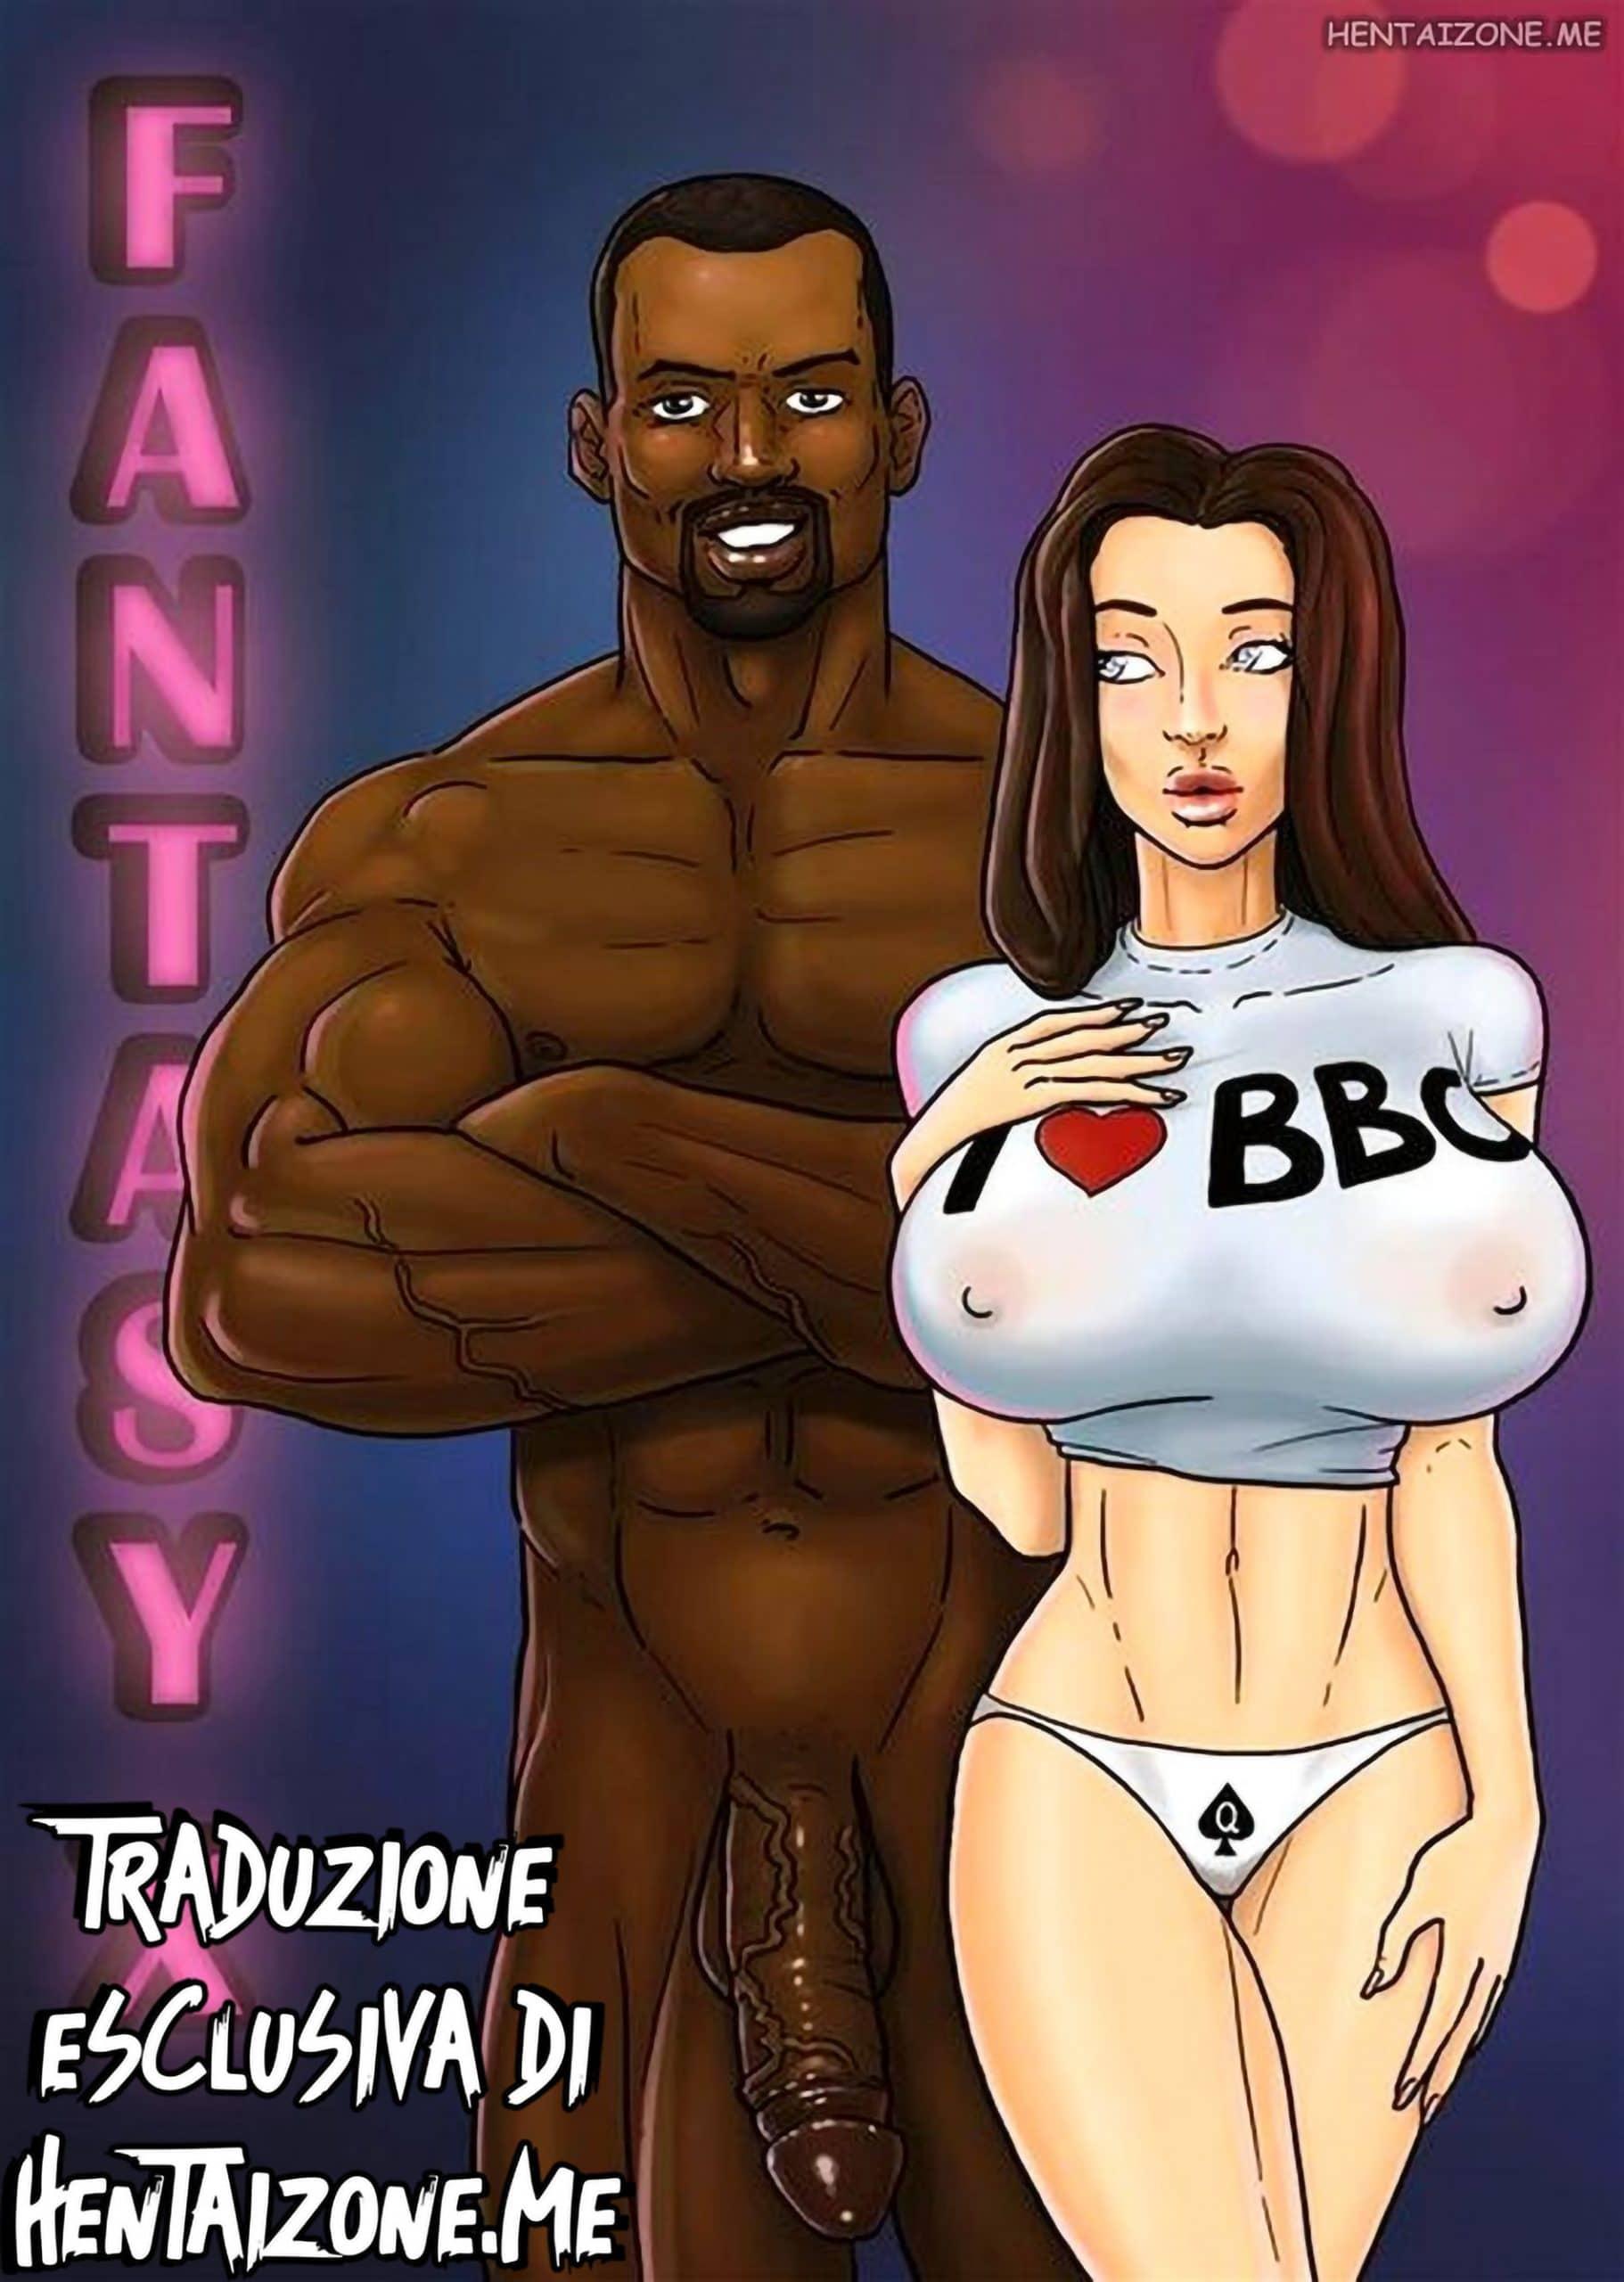 Grosso cazzo nero scopa fighetta bianca hentai interacial porno fumetto hentai xxx tettona